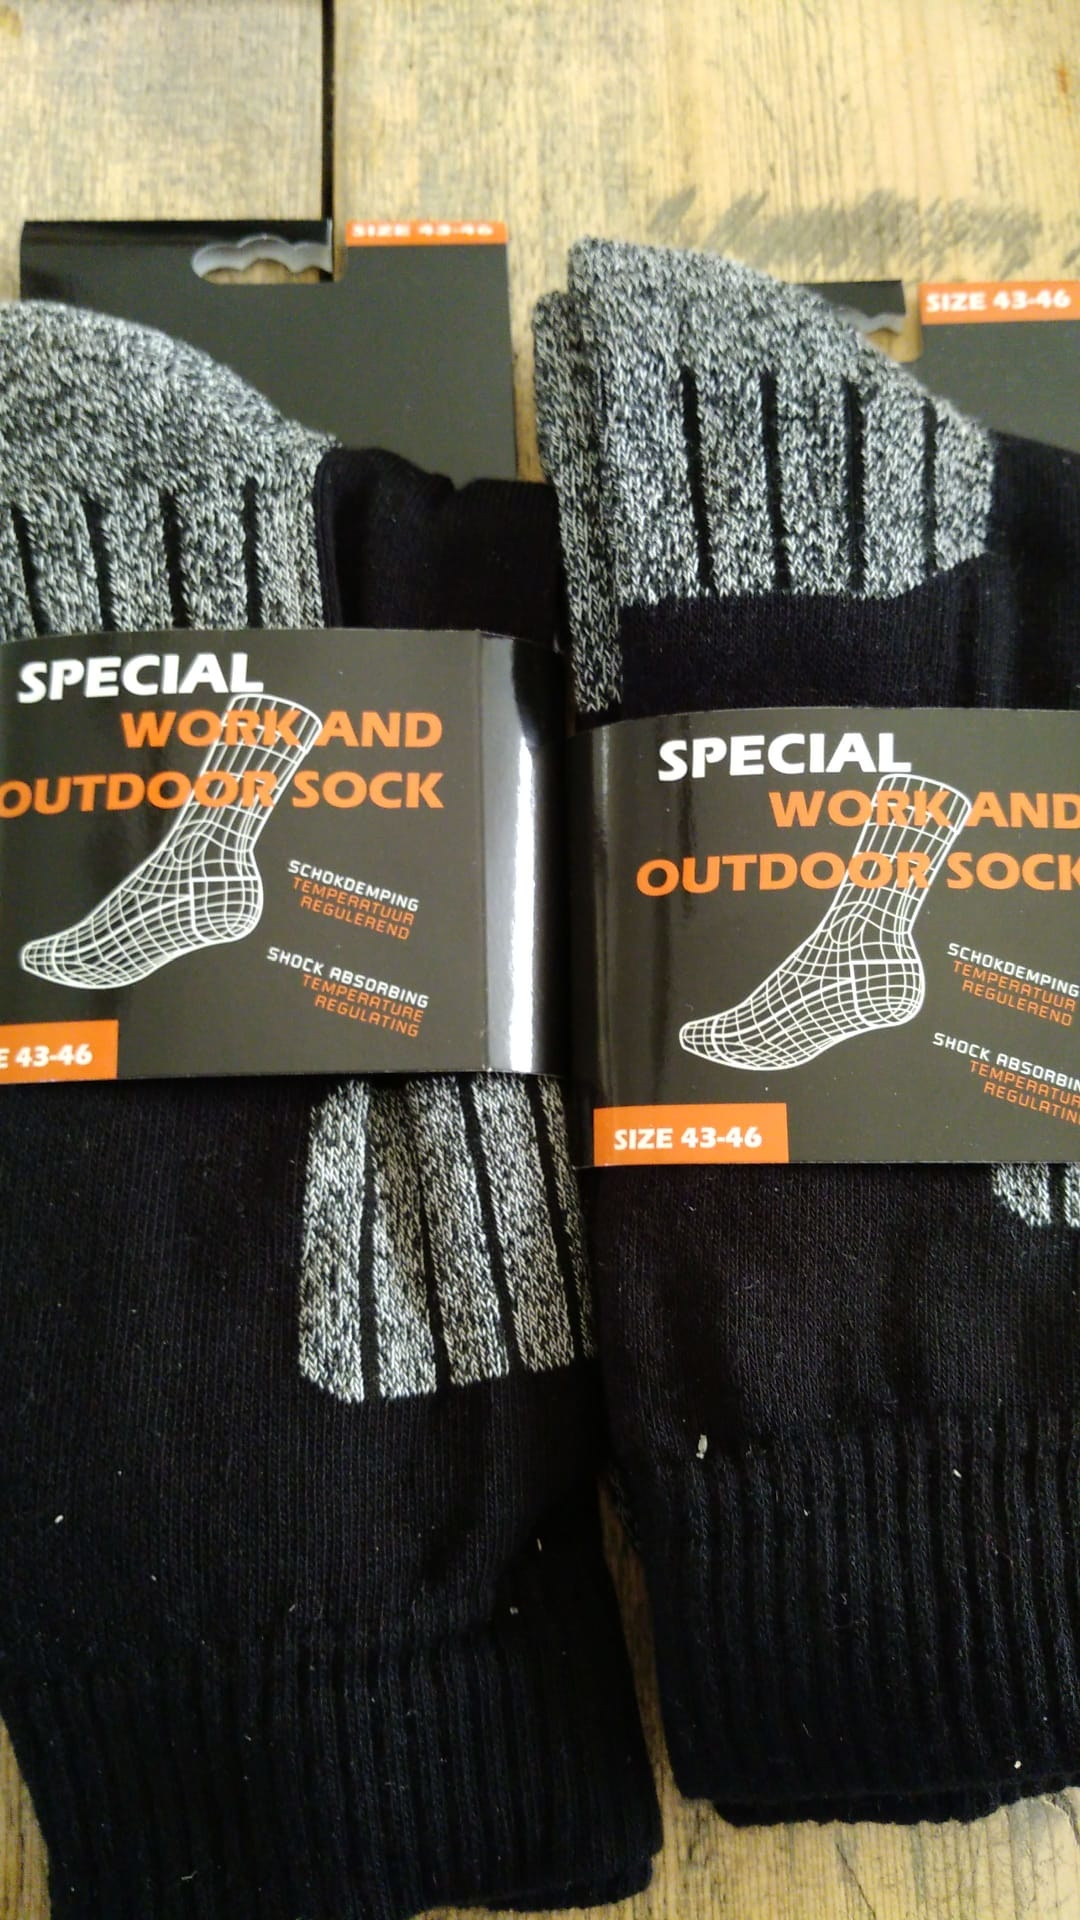 werk en outdoor sokken